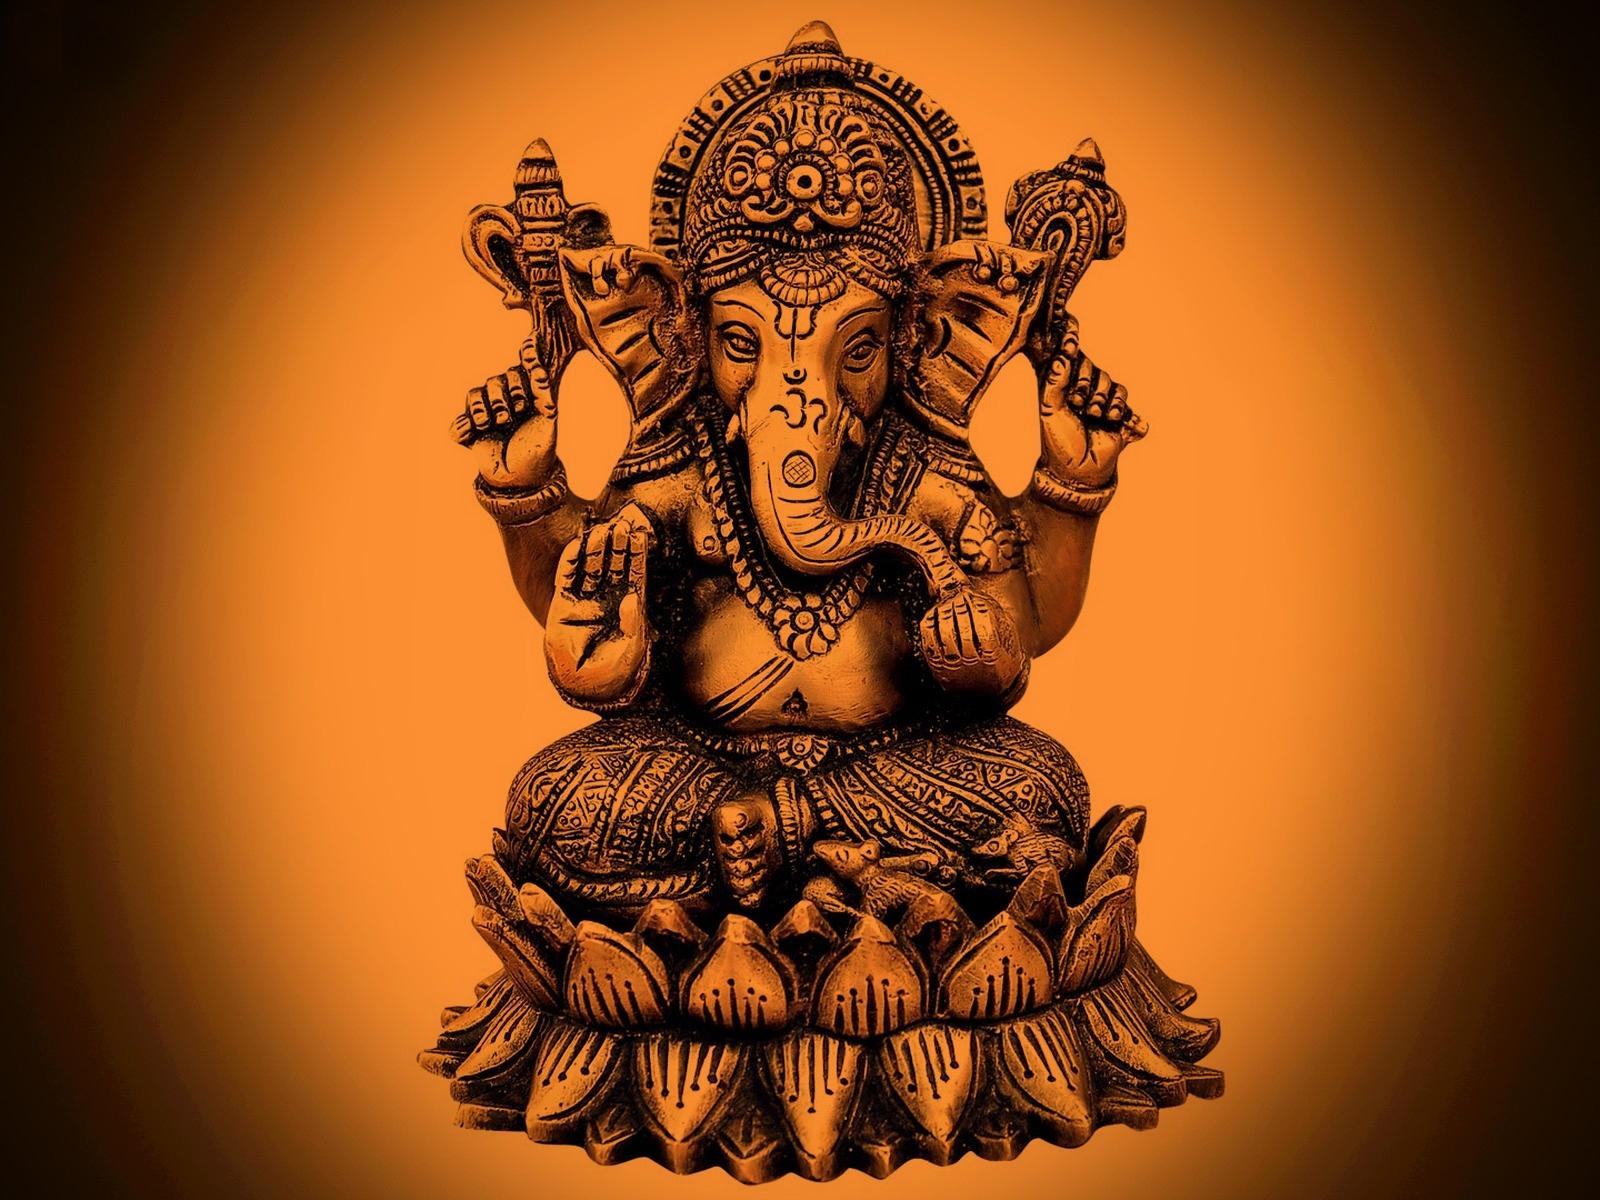 ganesh images, lord ganesh photos, pics & hd wallpapers download